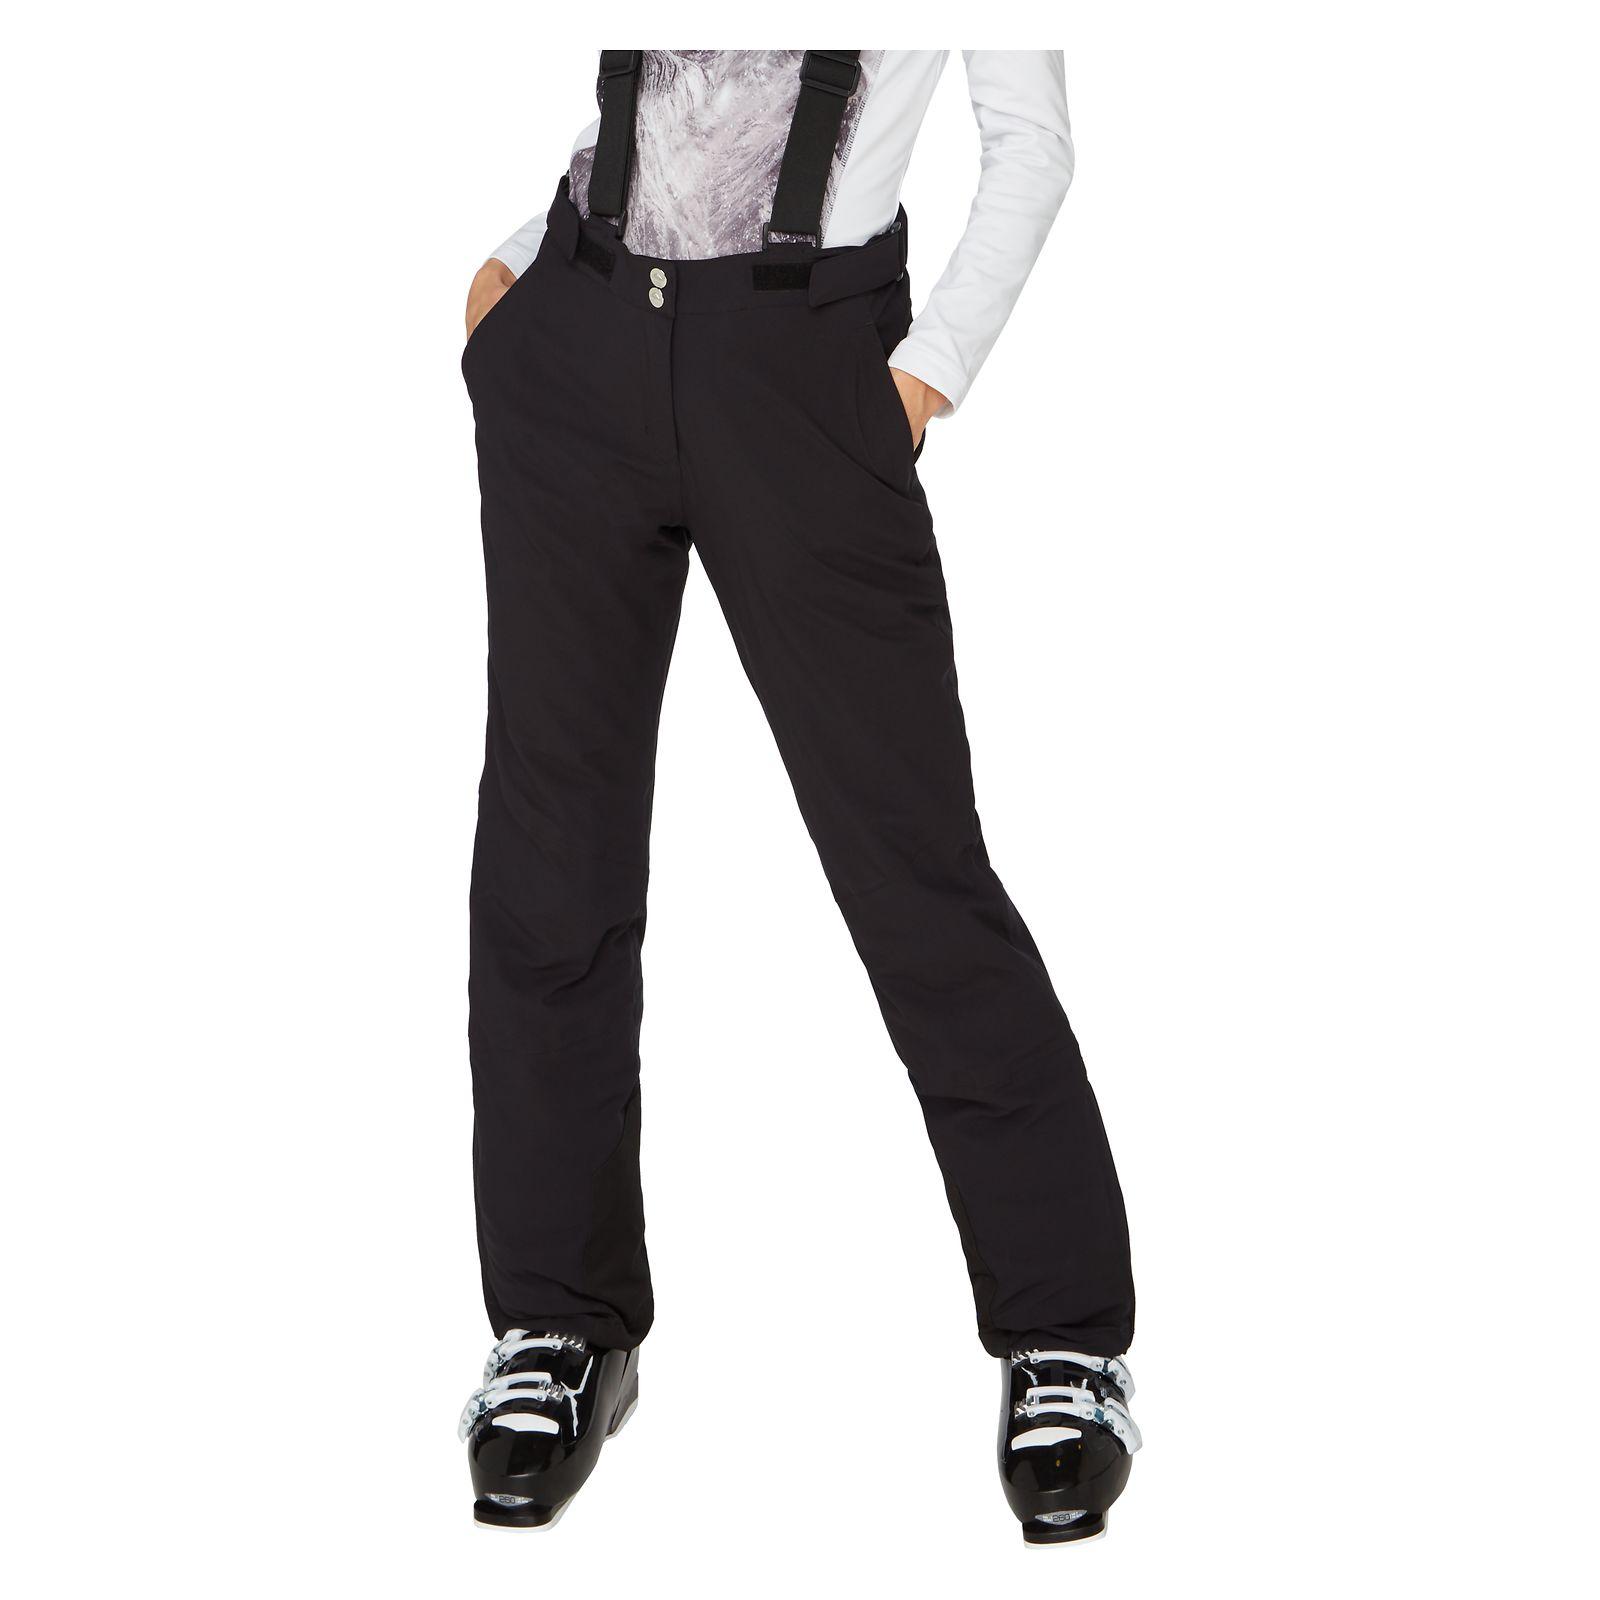 Spodnie damskie narciarskie McKinley Dina 294483